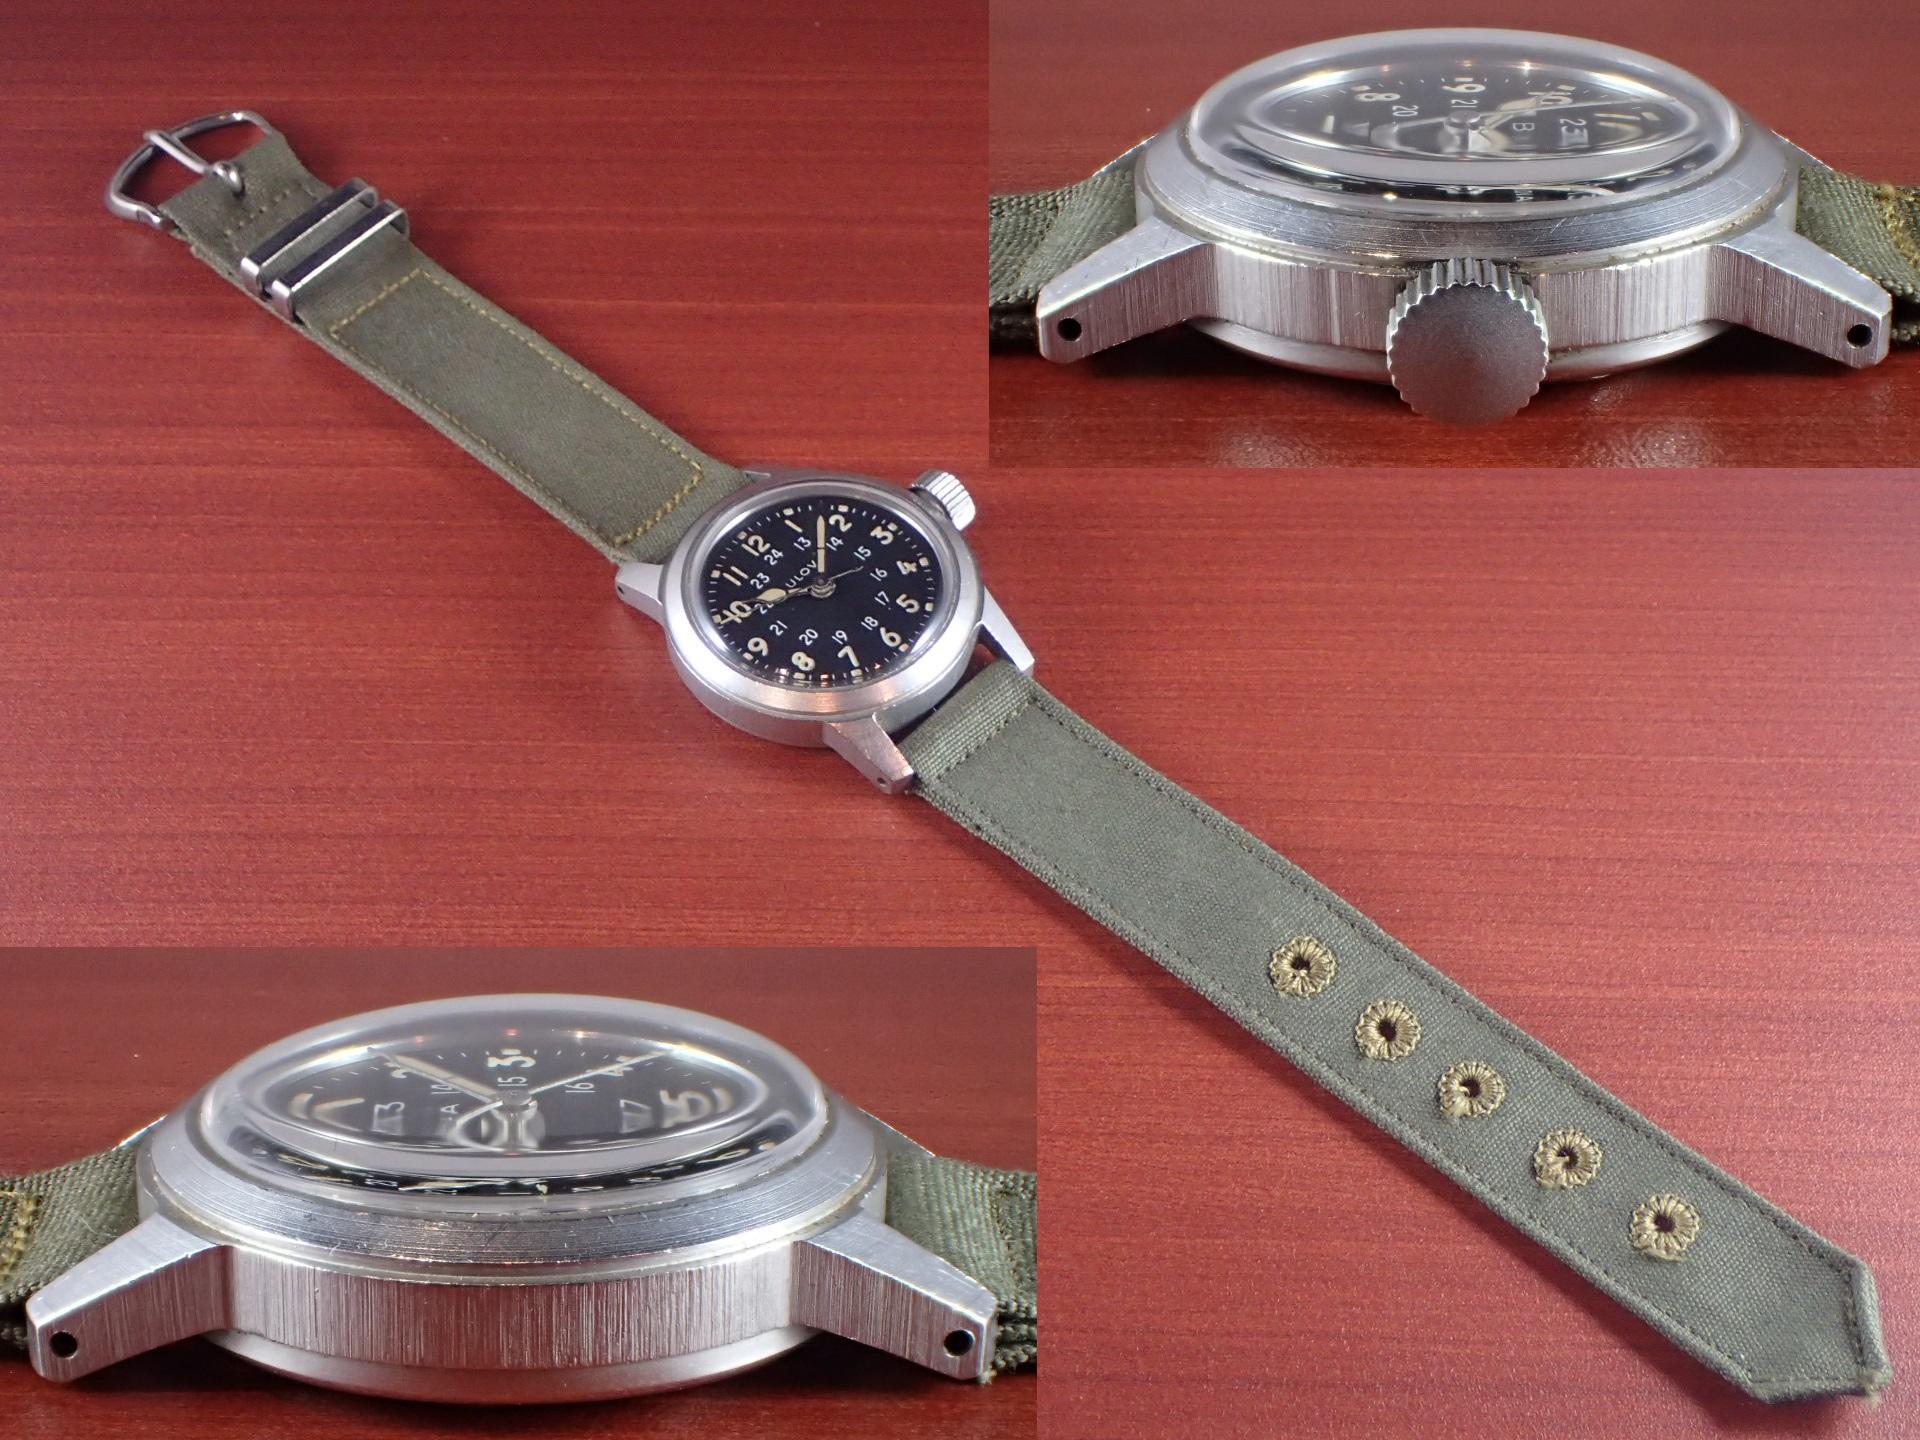 ブローバ 軍用時計 米軍 MIL-W-3818A 1960年代の写真3枚目